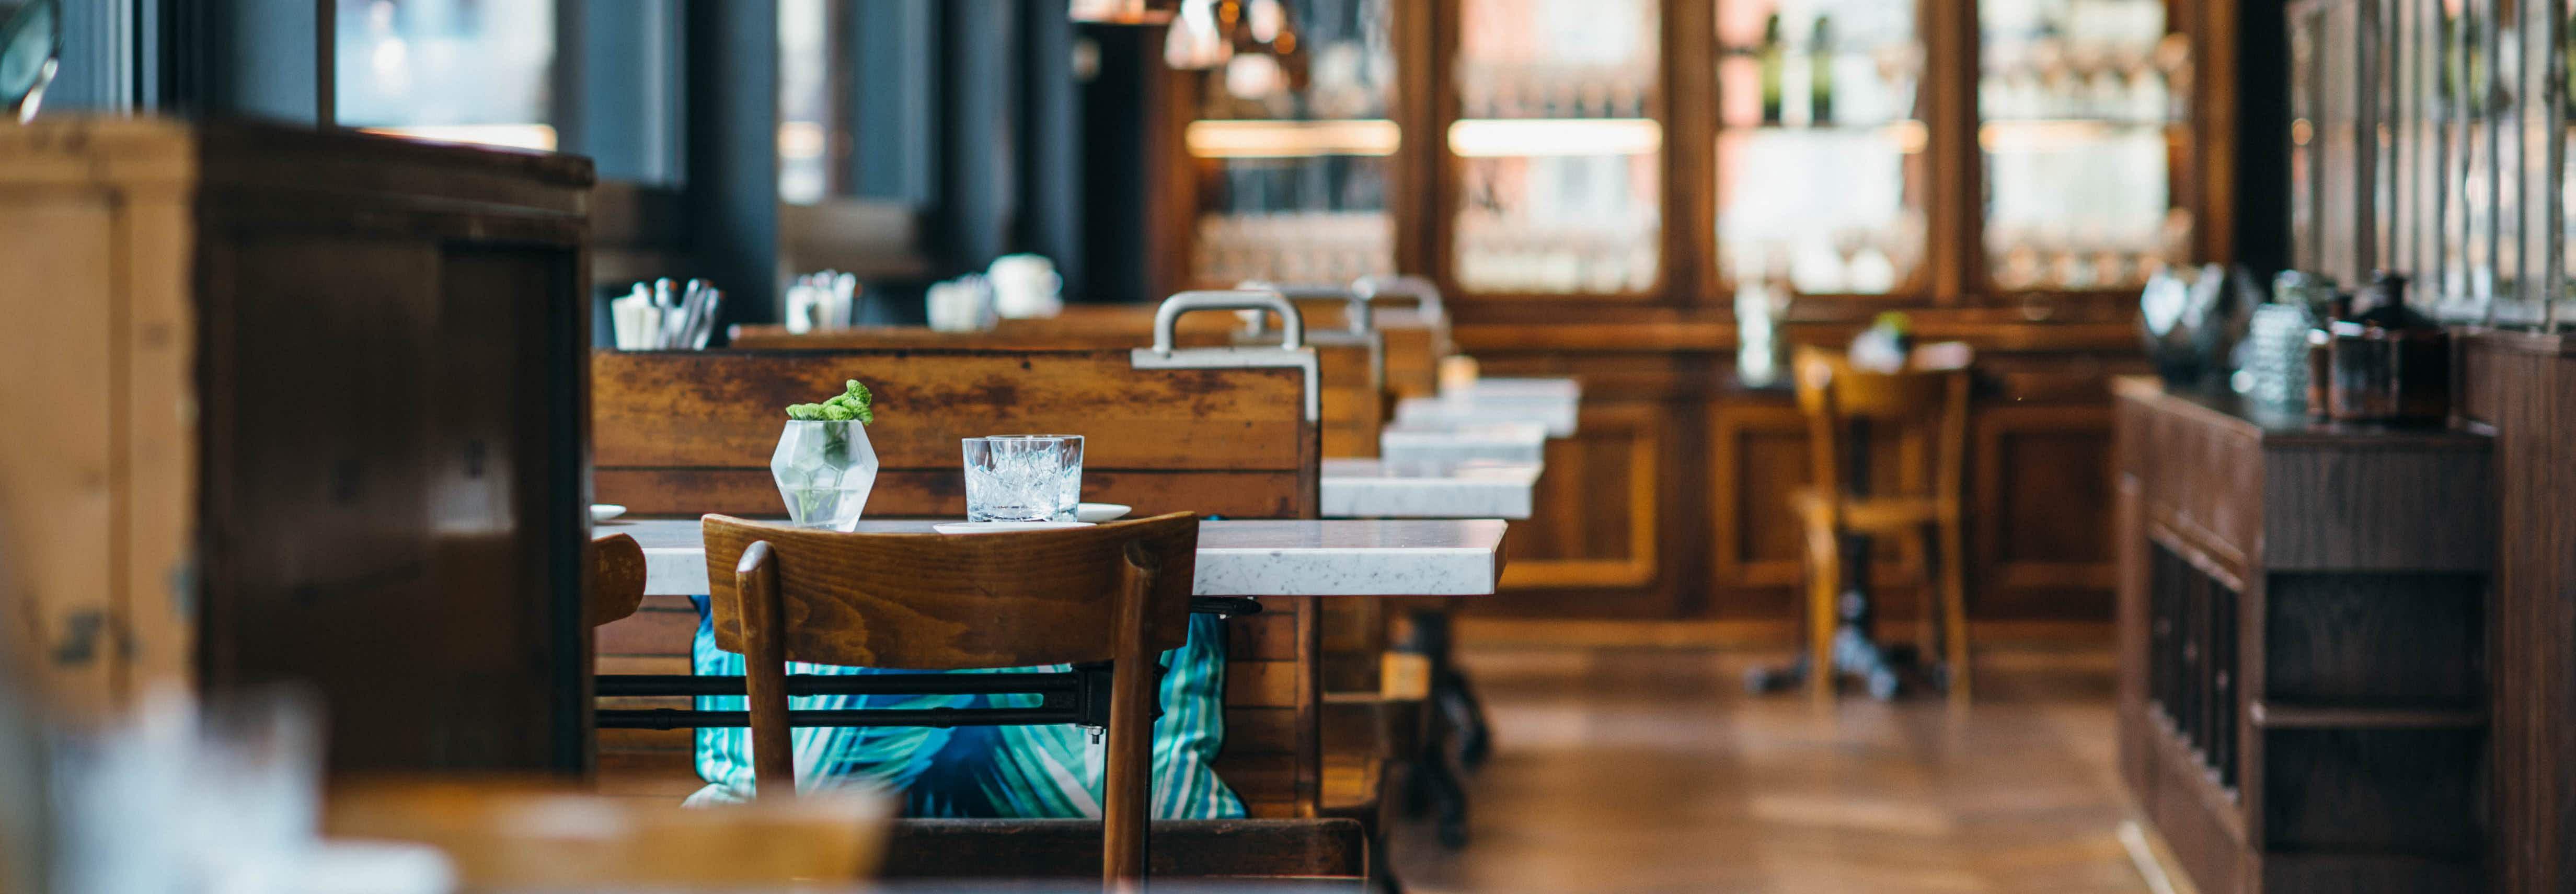 Brasserie Colette Konstanz - klassich-modern eingerichtete Brasserie